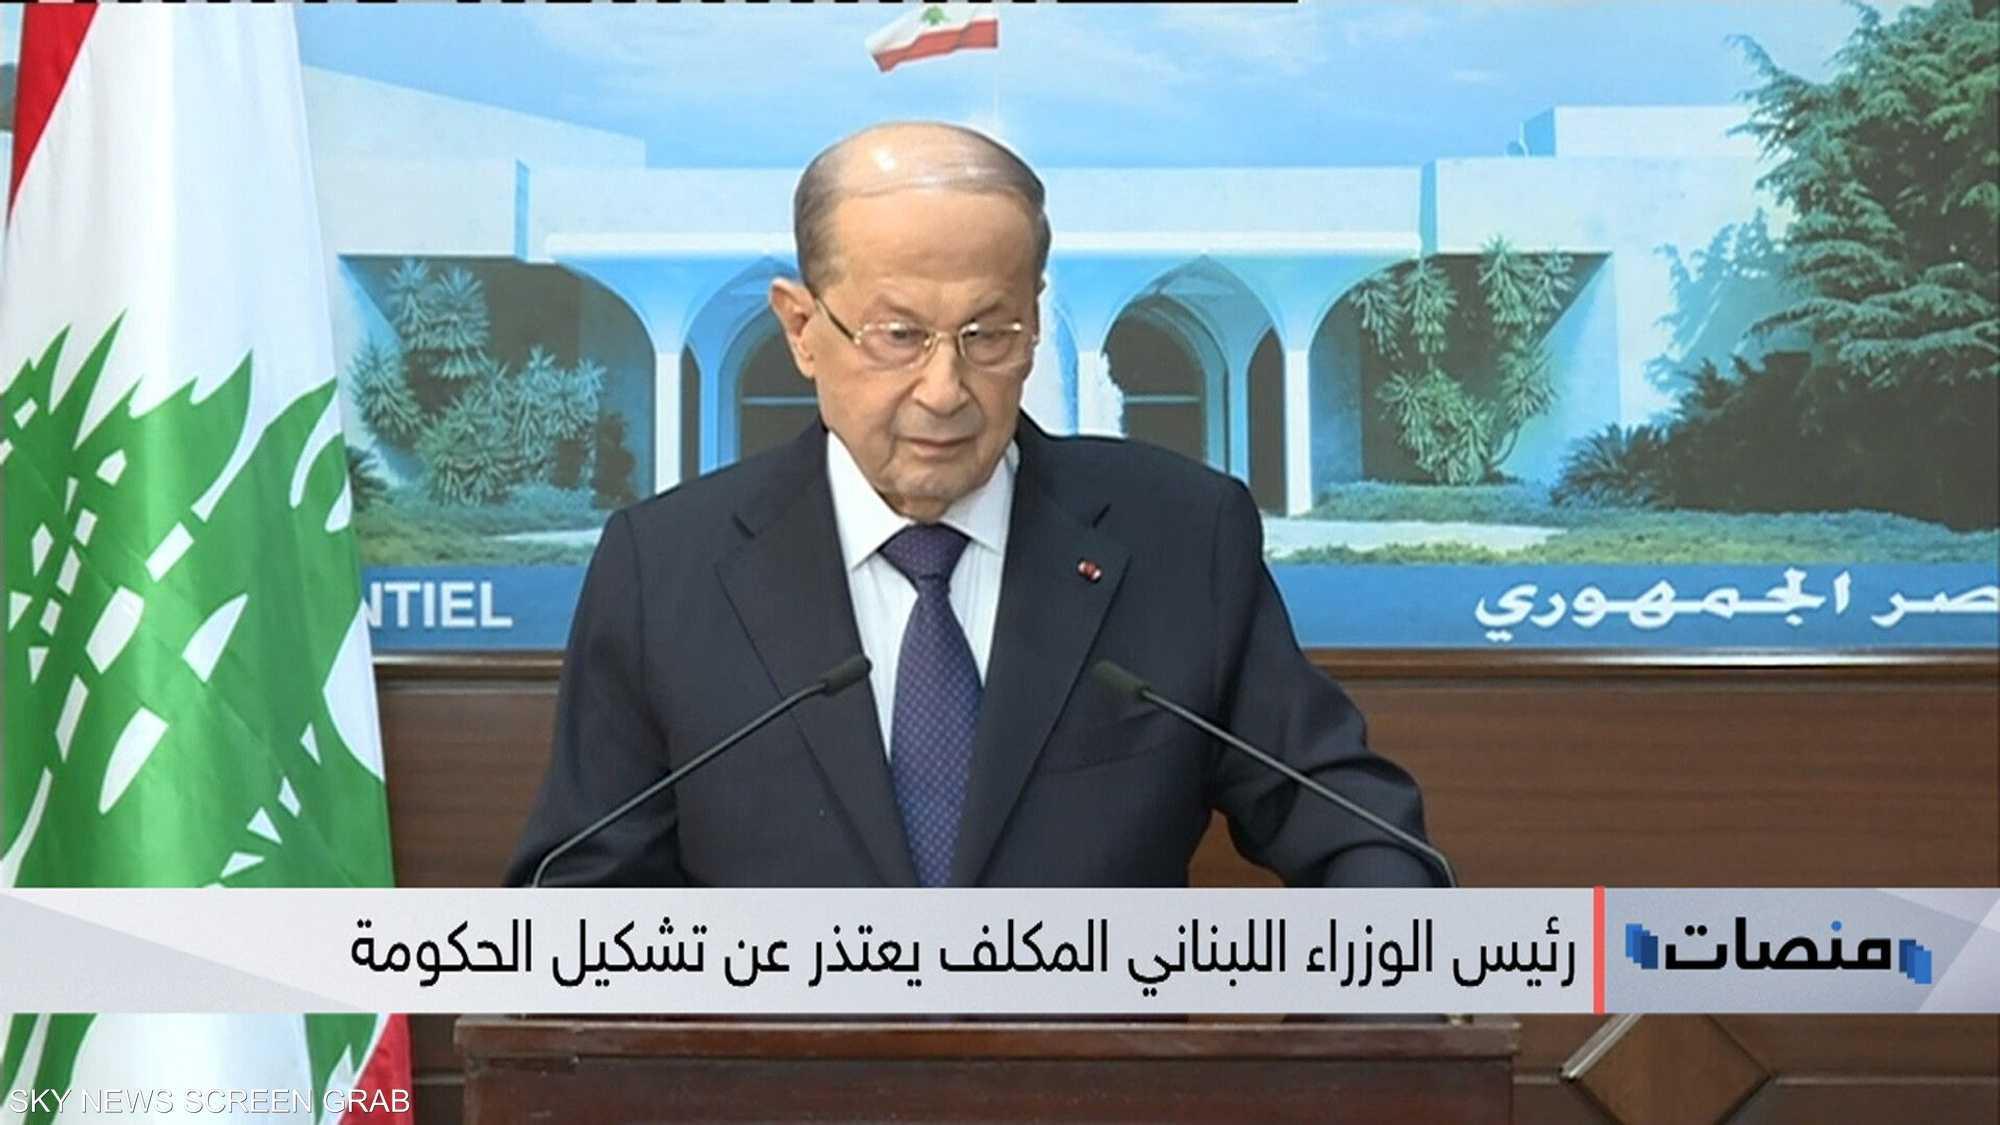 رئيس الوزراء اللبناني المكلف يعتذر عن تشكيل الحكومة